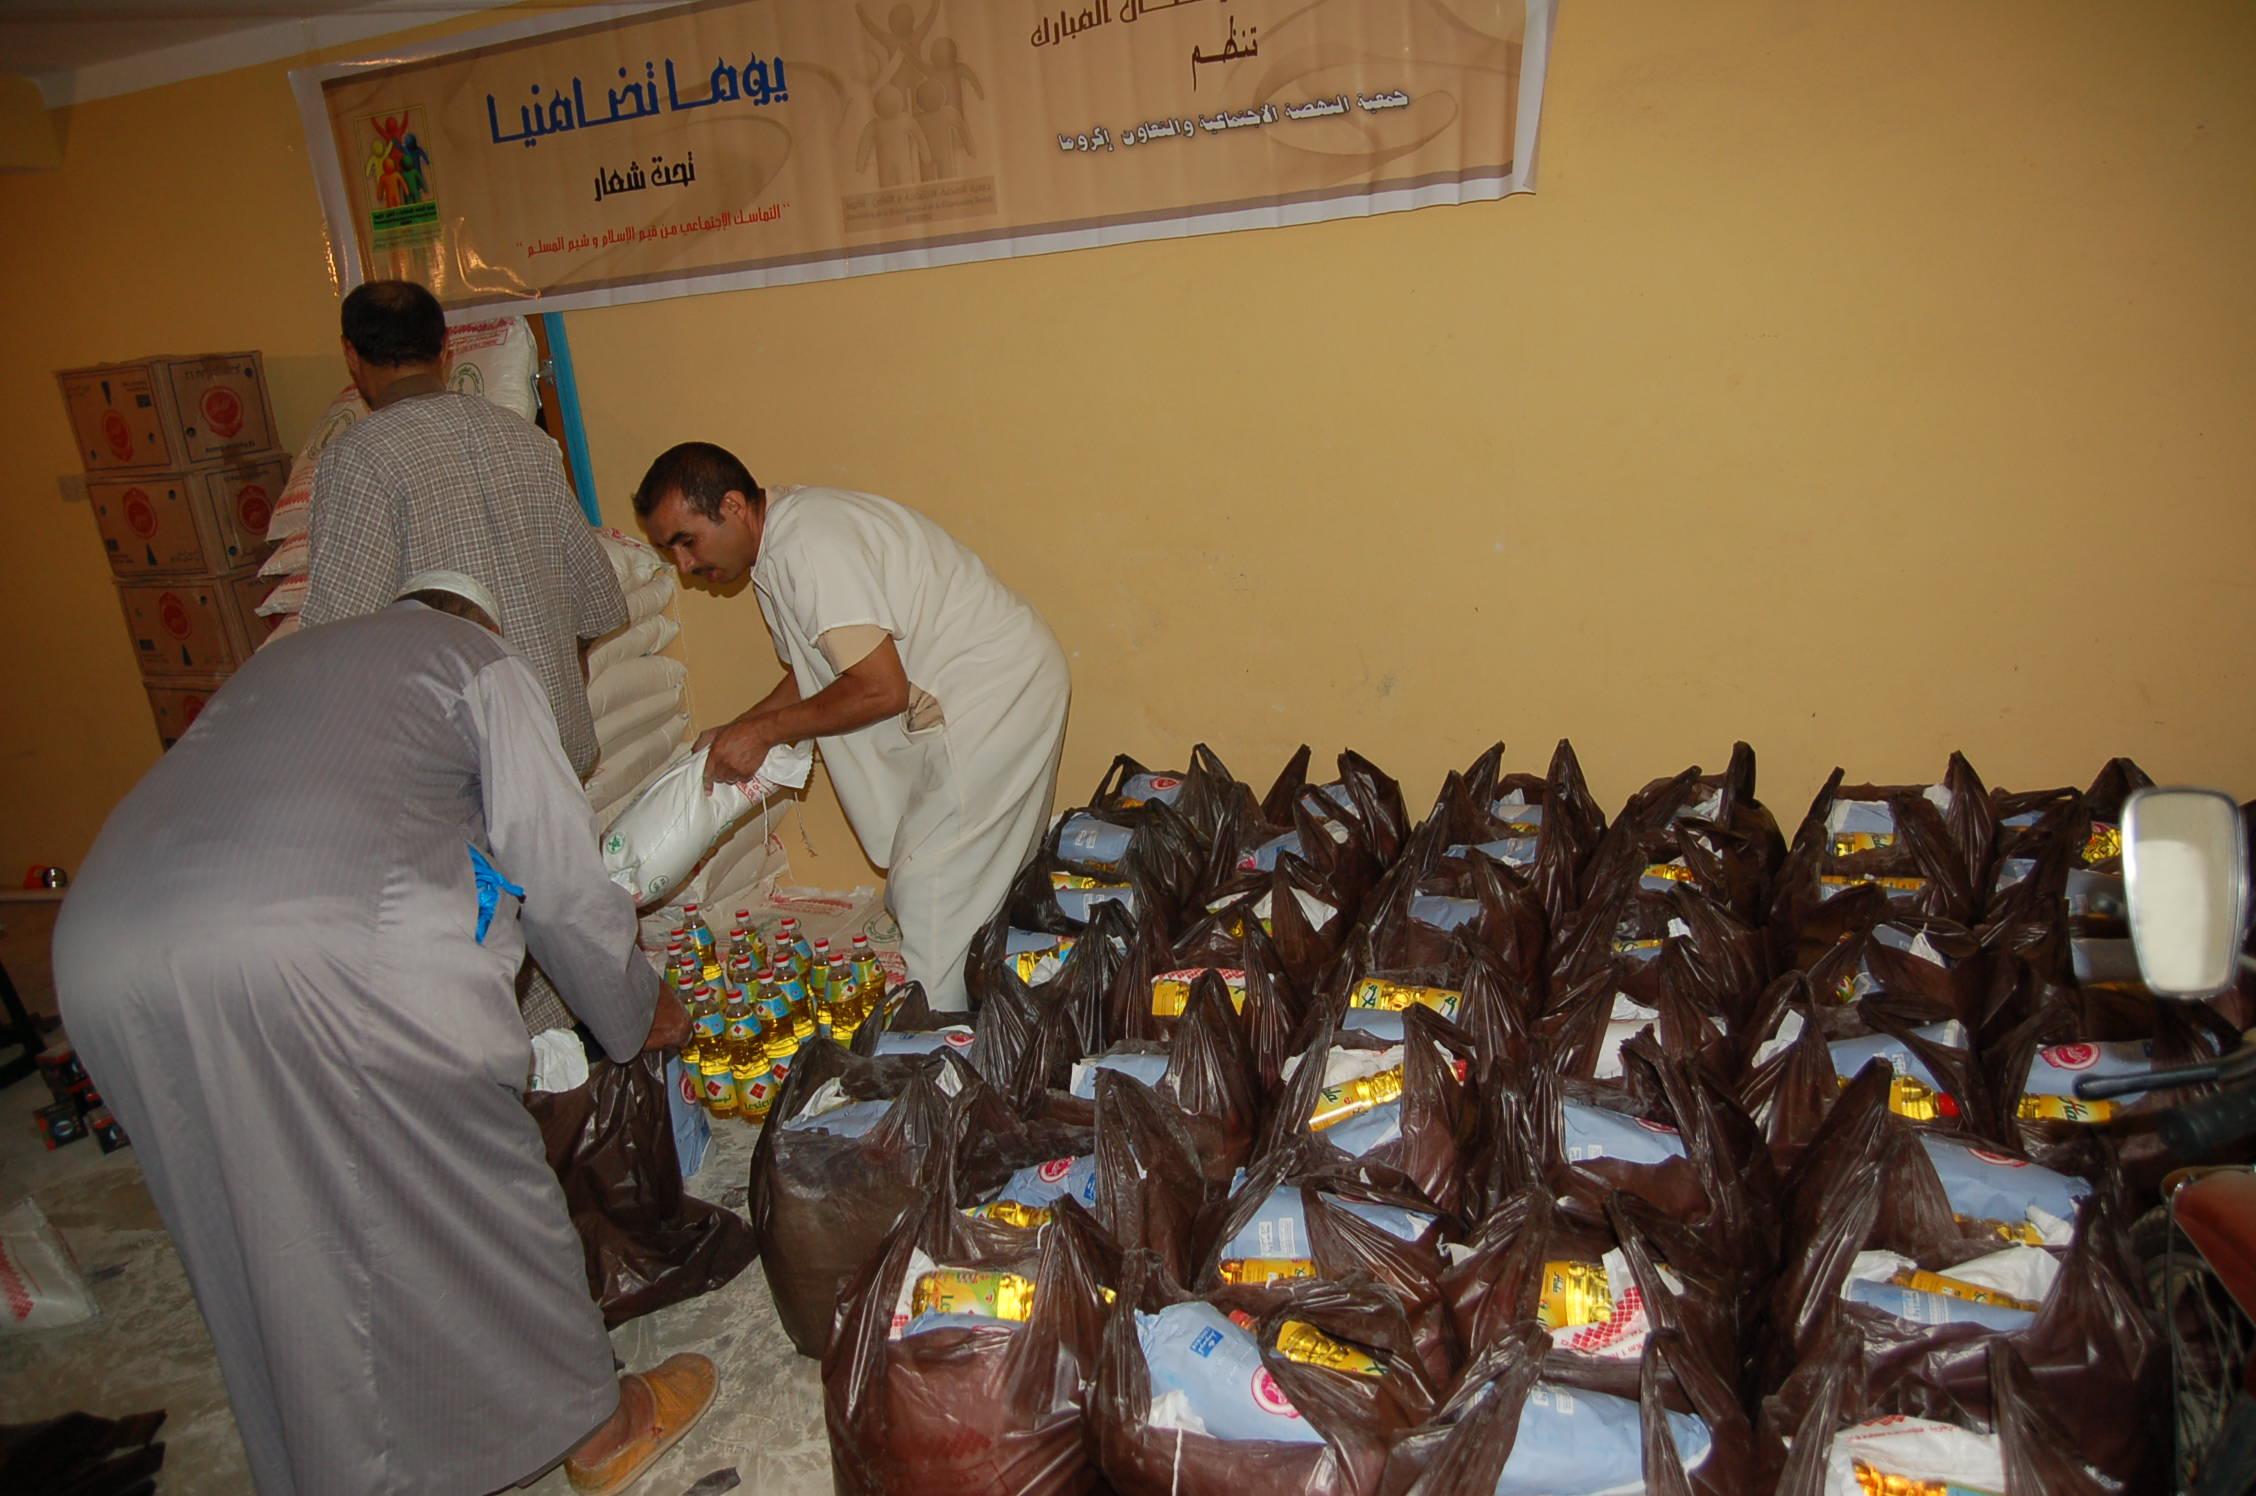 ازيد من 80 أسرة تستفيد من قفة رمضان بجماعة أنزي